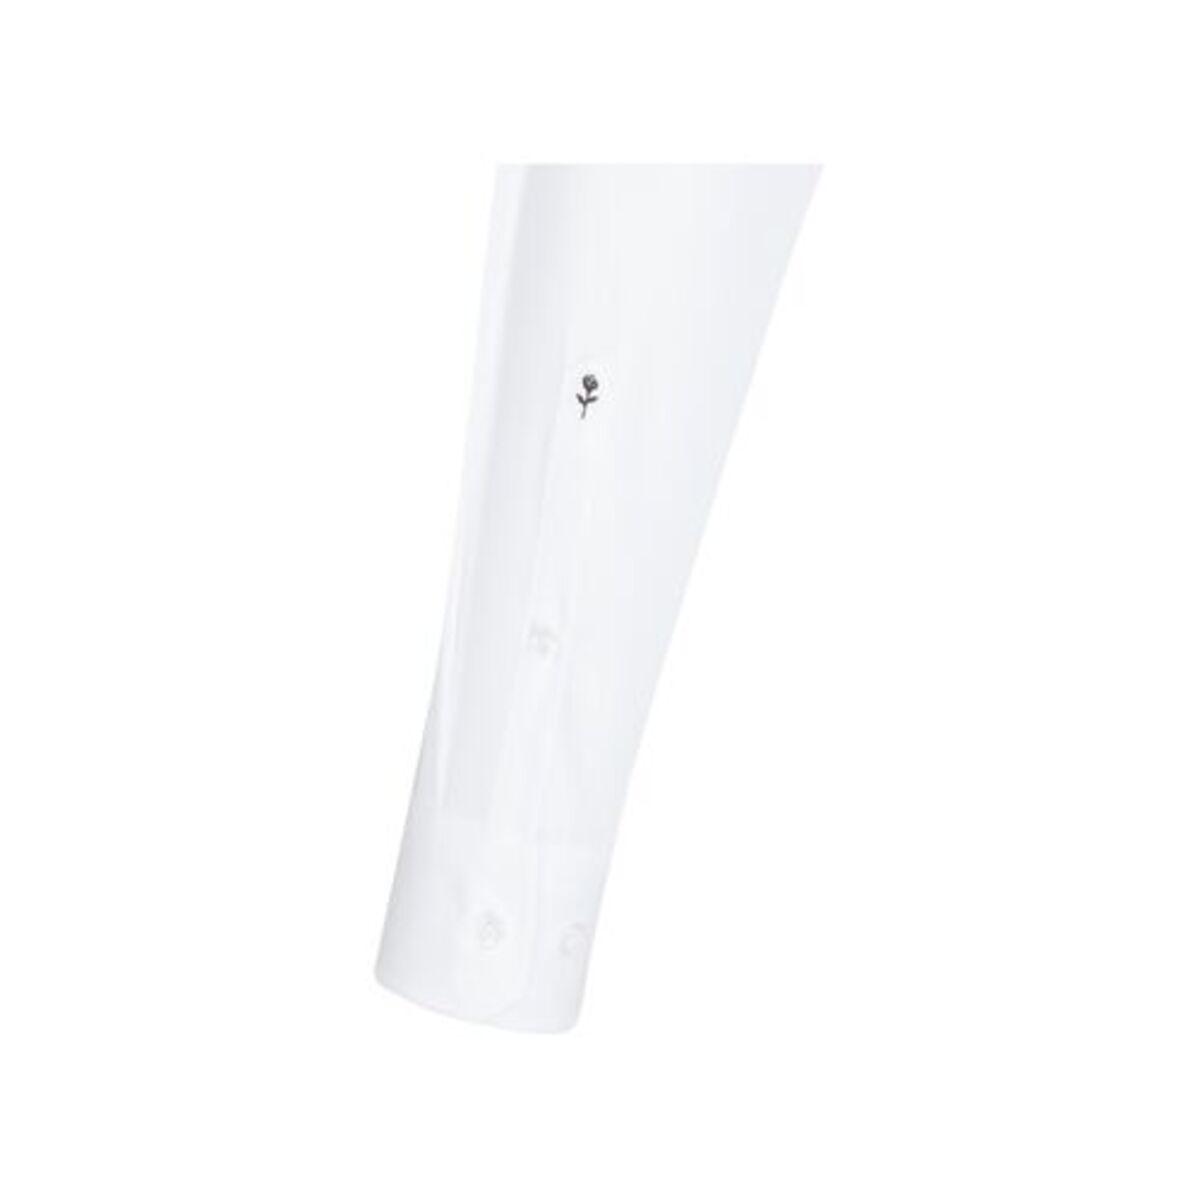 Bild 4 von Seidensticker Business Hemd Modern Langarm Kentkragen Streifen, Weiß, weiß, 46, 46